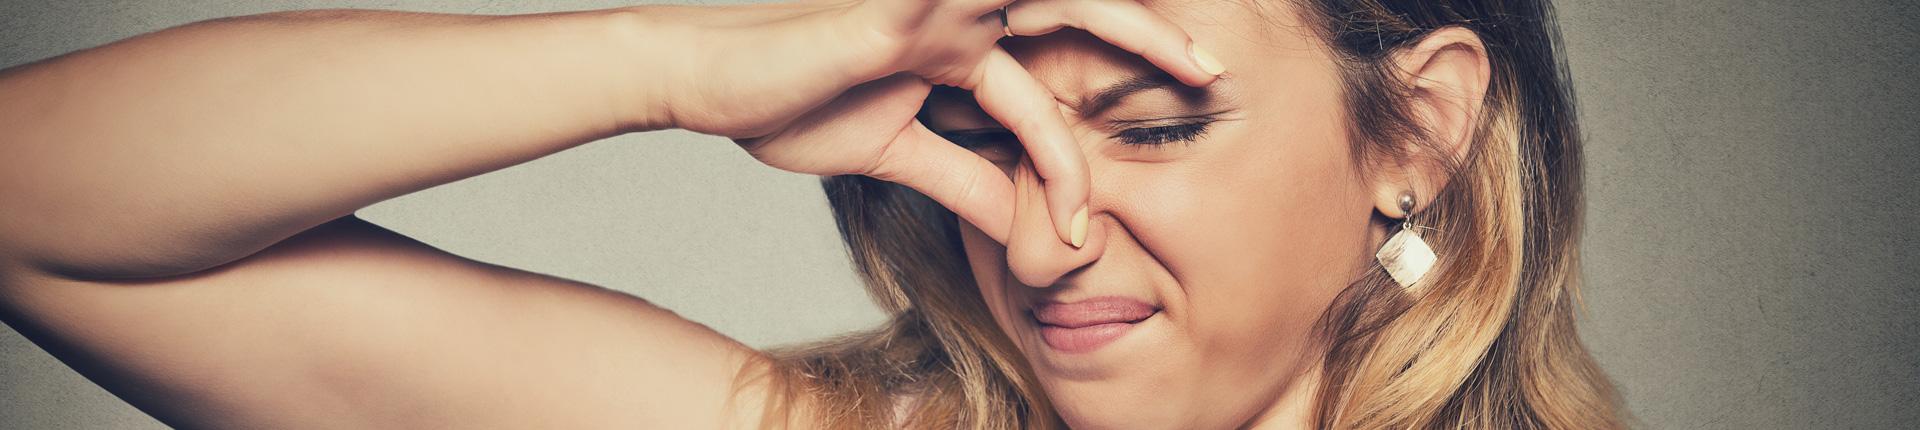 Pokarmy, które mogą wpływać na nasz nieprzyjemny zapach